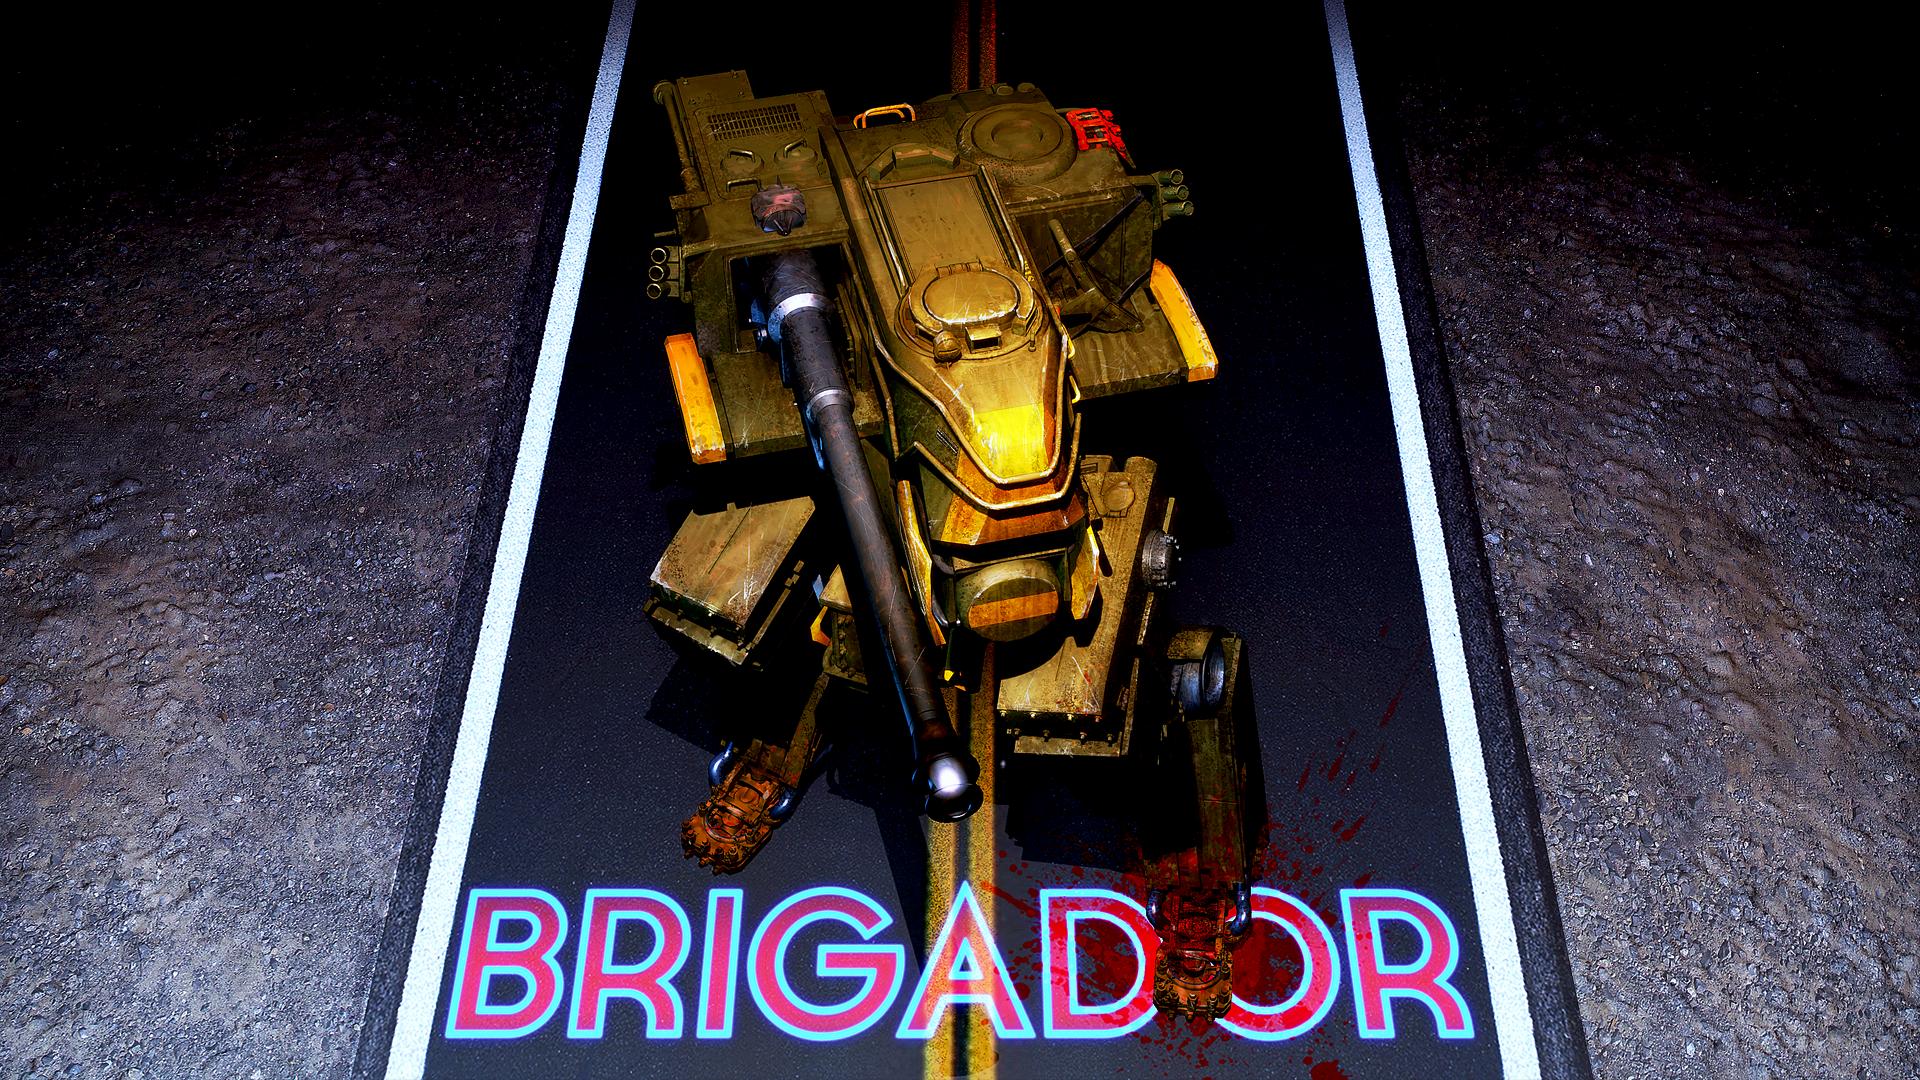 brigador up-armored edition trailer